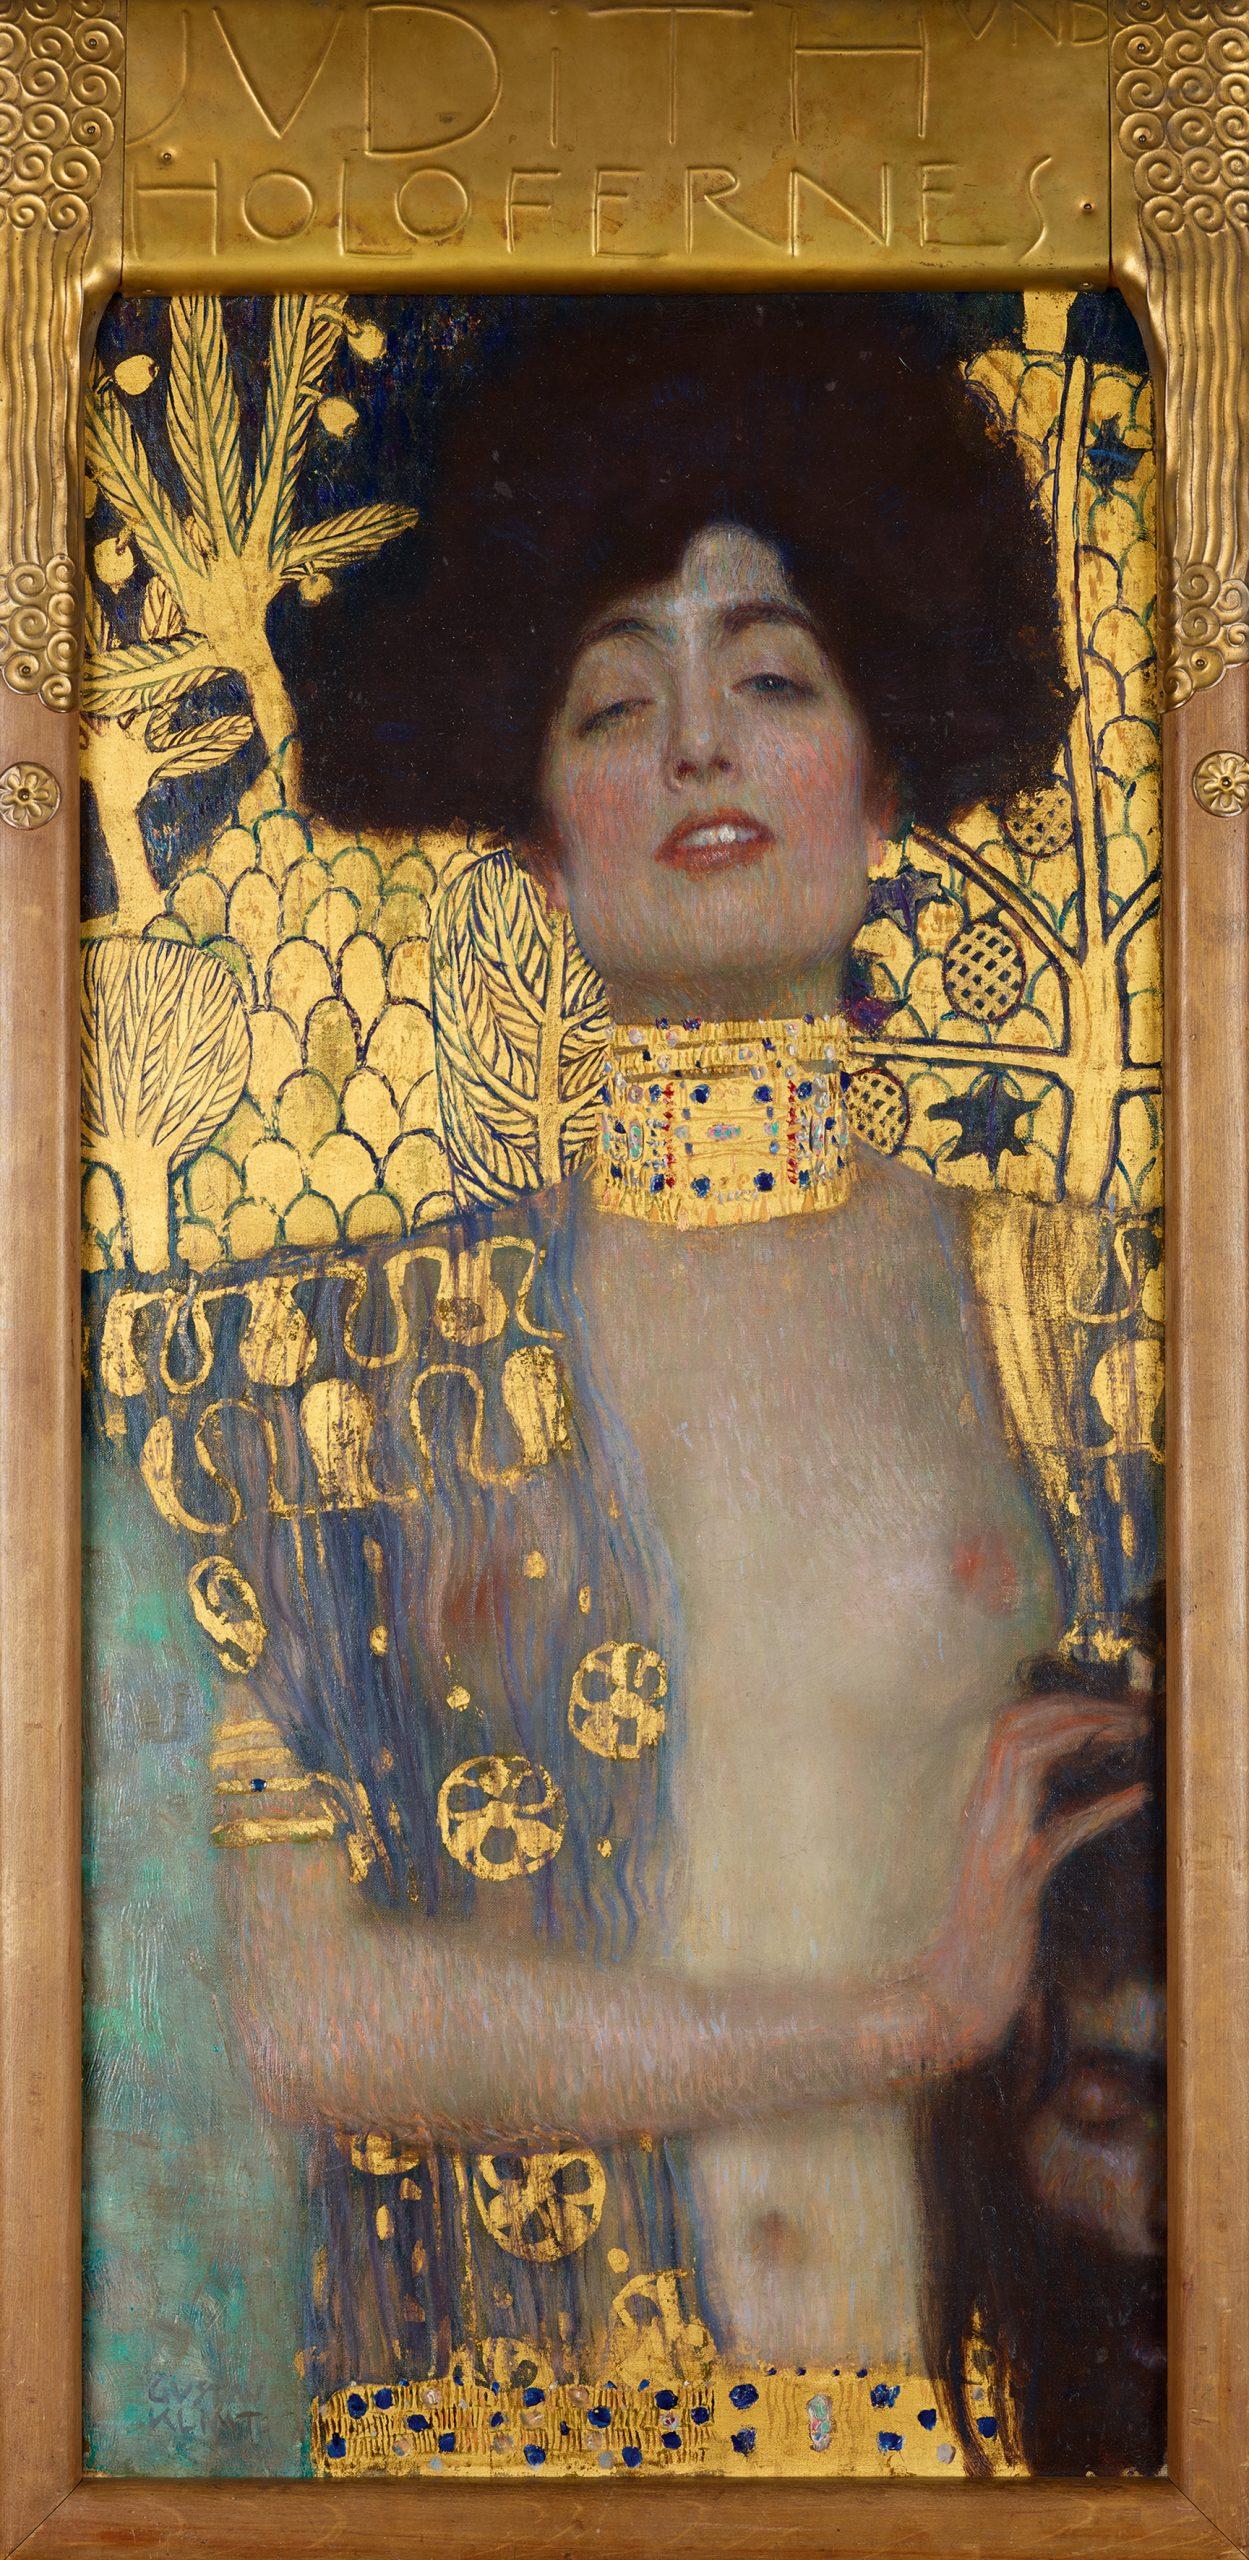 Gustav Klimt, Judith, 1901, Öl auf Leinwand, 84x42 cm, Rahmenmaße 98x48x4 cm, 5 kg, Vitrinenmaße 124x75x12 cm, Vienna, Belvedere, © Belvedere, Vienna, Photo Johannes Stoll